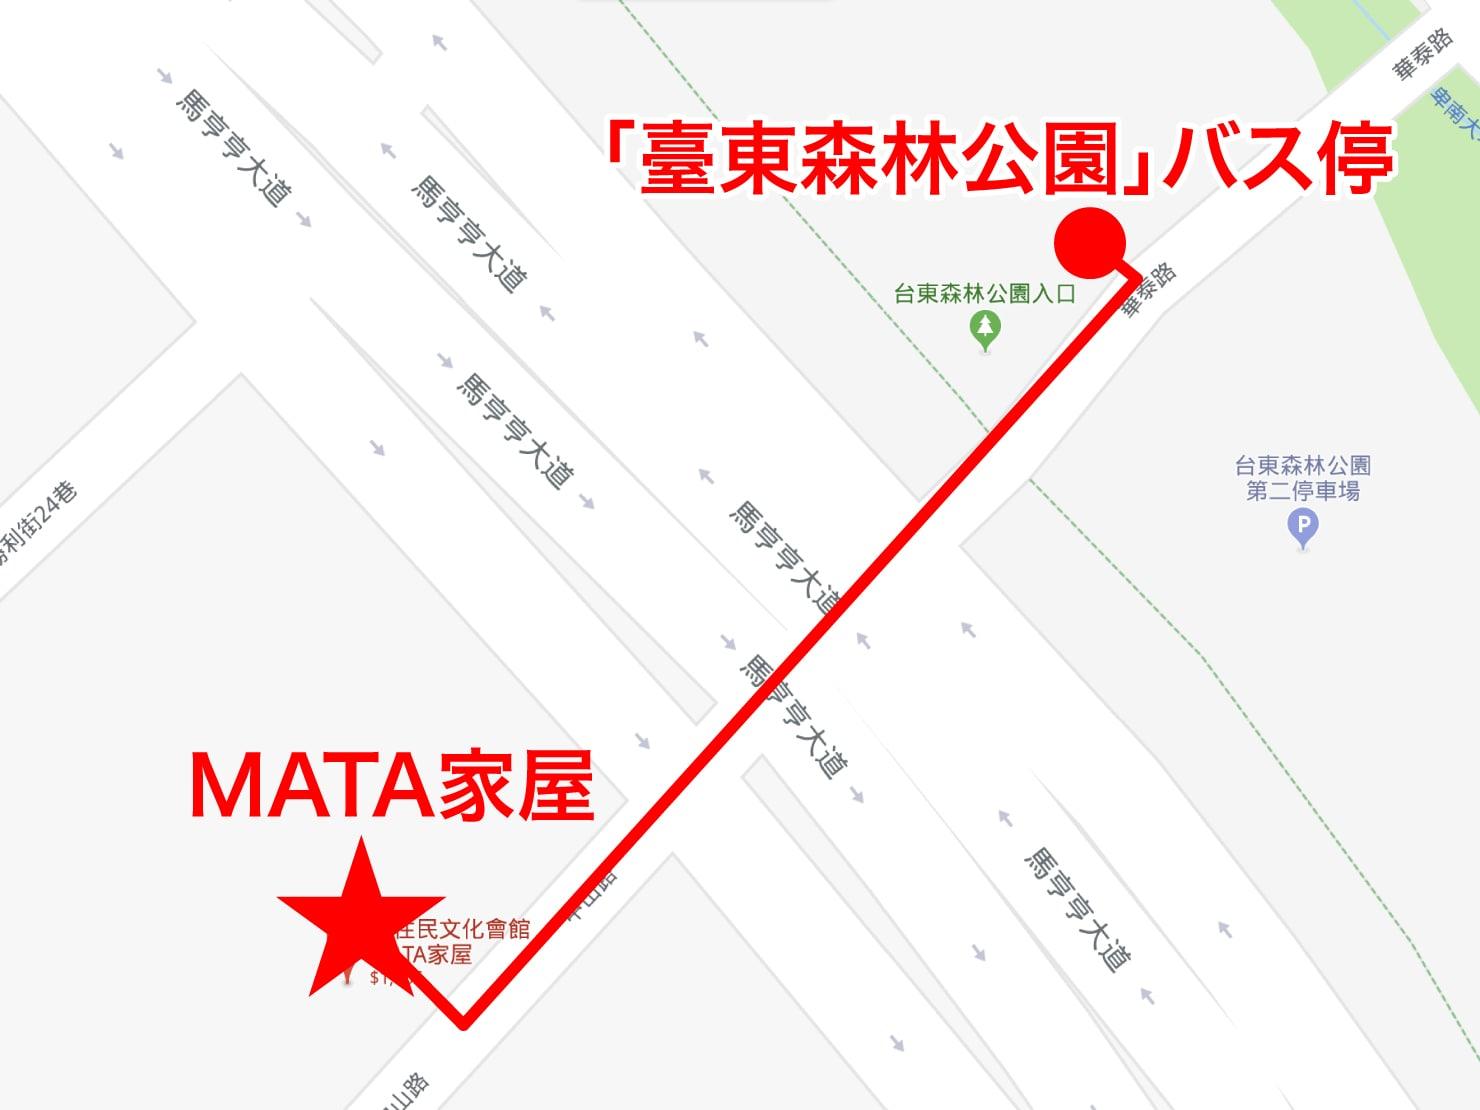 台湾・台東市街のおすすめホテル「MATA家屋」へのアクセスマップ